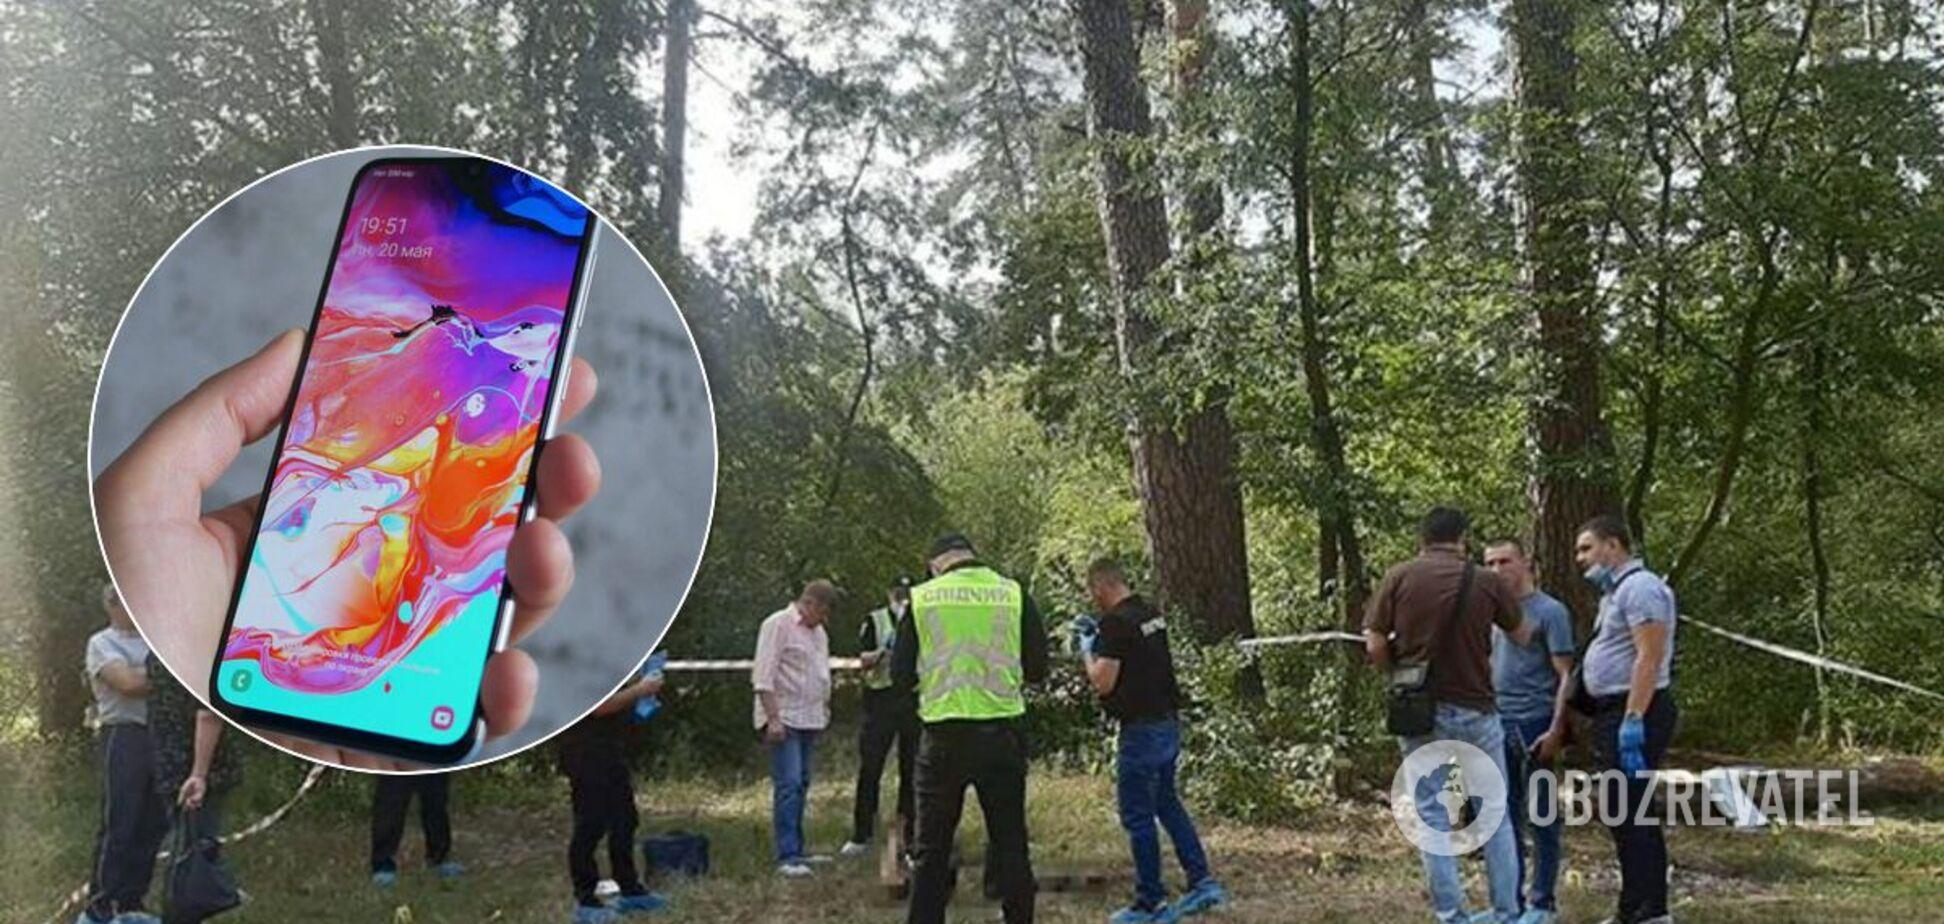 В Киеве мужчине перерезали горло за мобильный телефон. Фото 18+